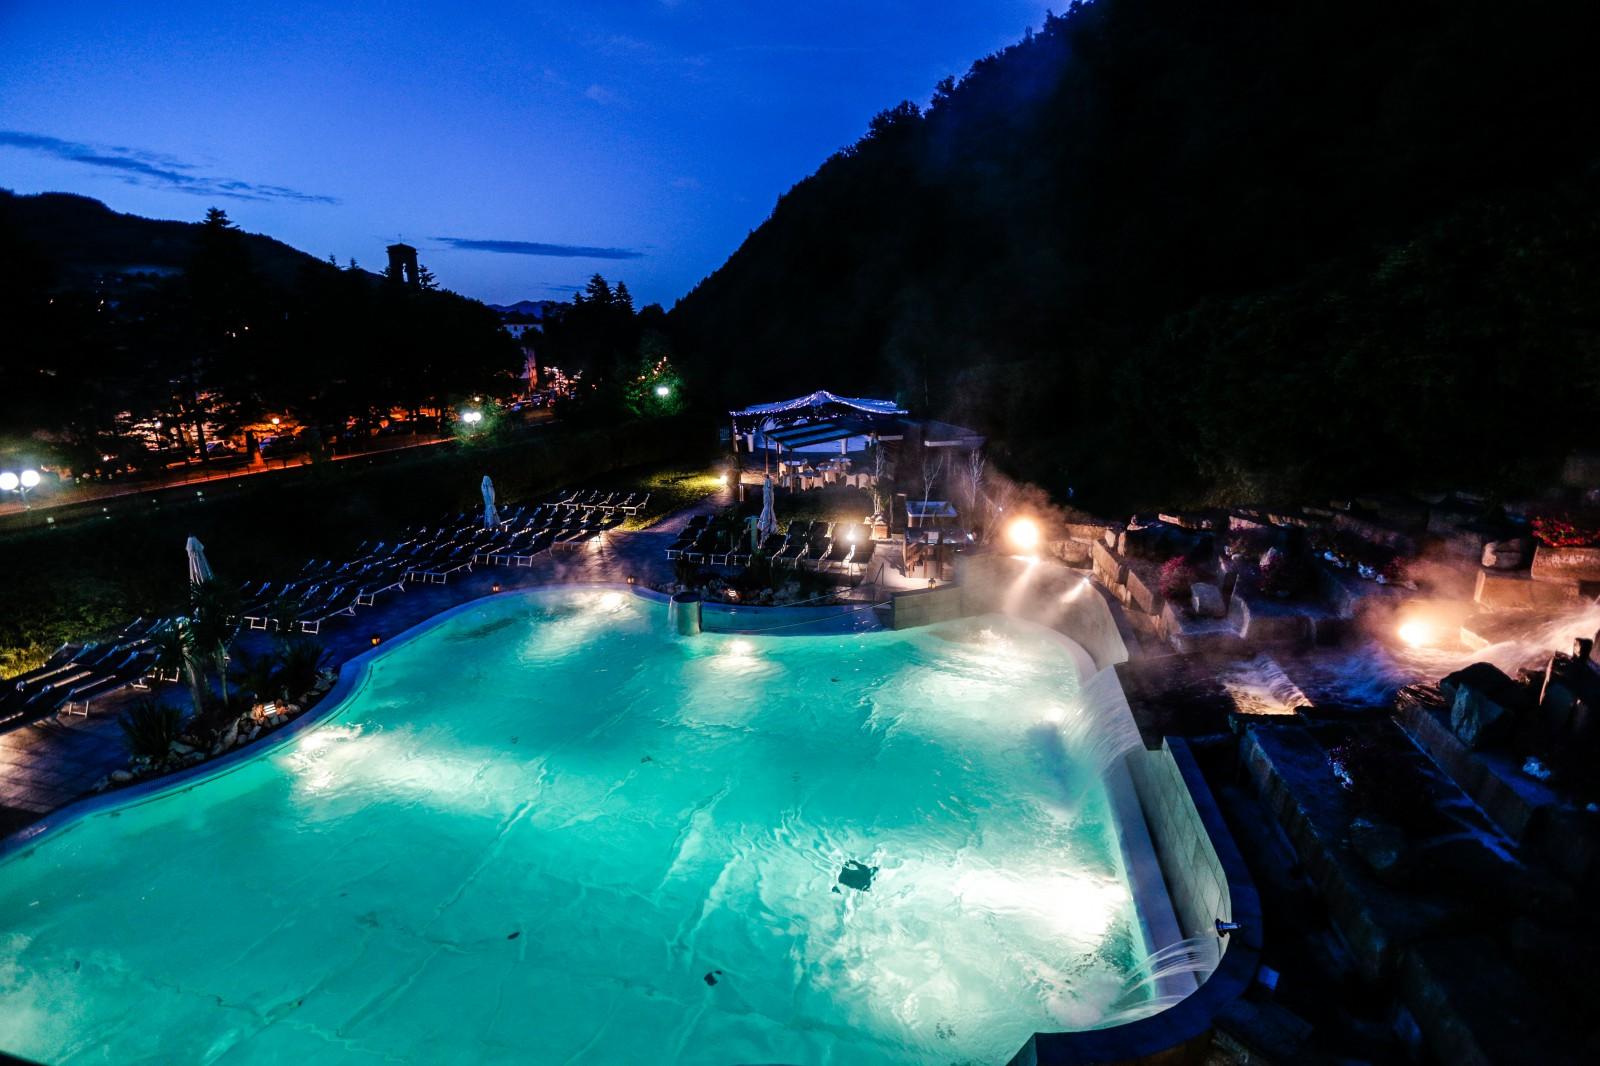 Roseo Euroterme Wellness Resort - Bagno di Romagna - Visit Italy